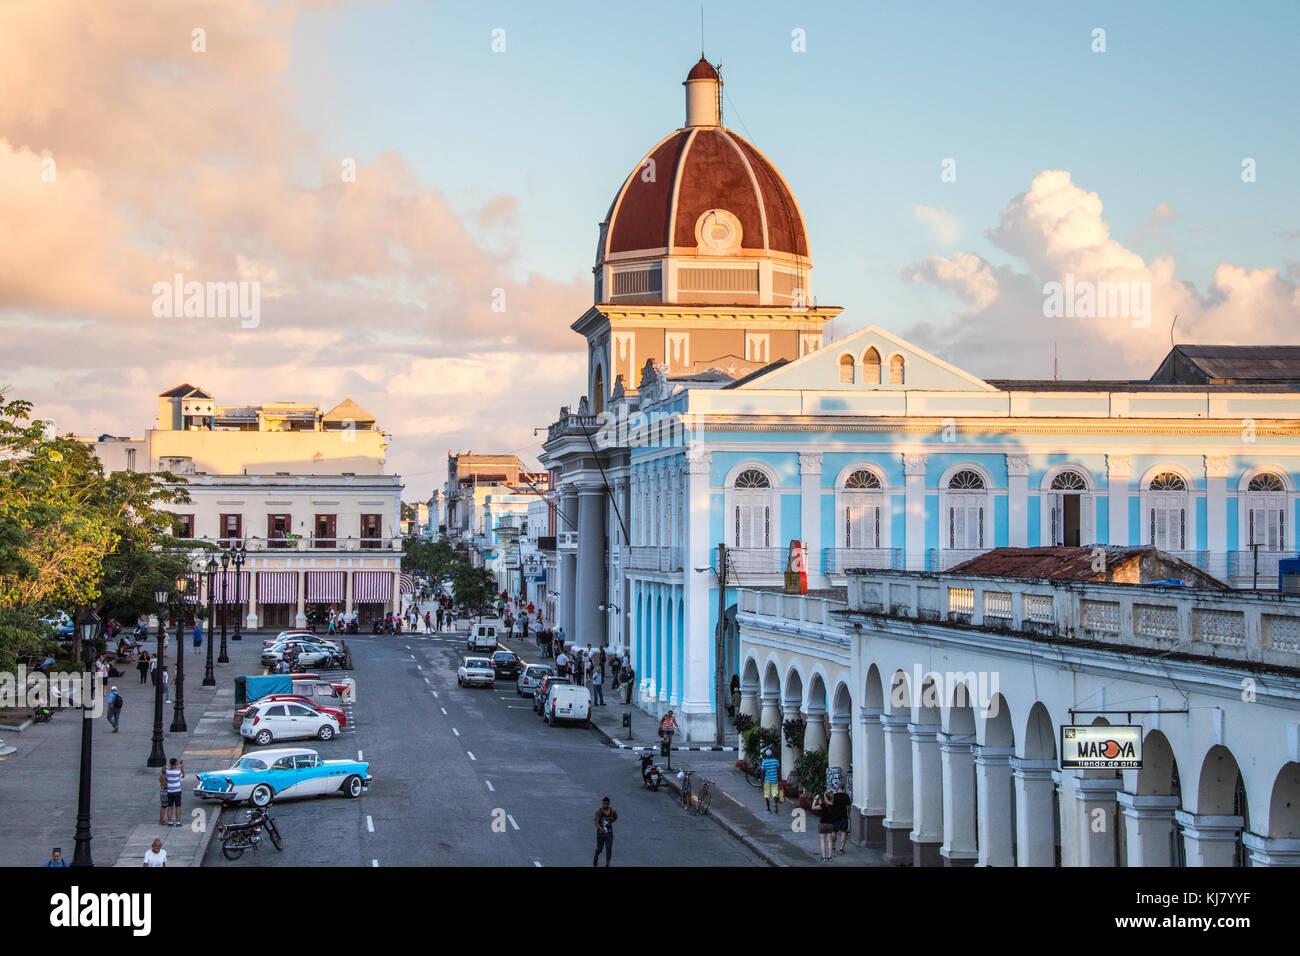 Palacio de Gobierno, Cienfuegos, Cuba - Stock Image